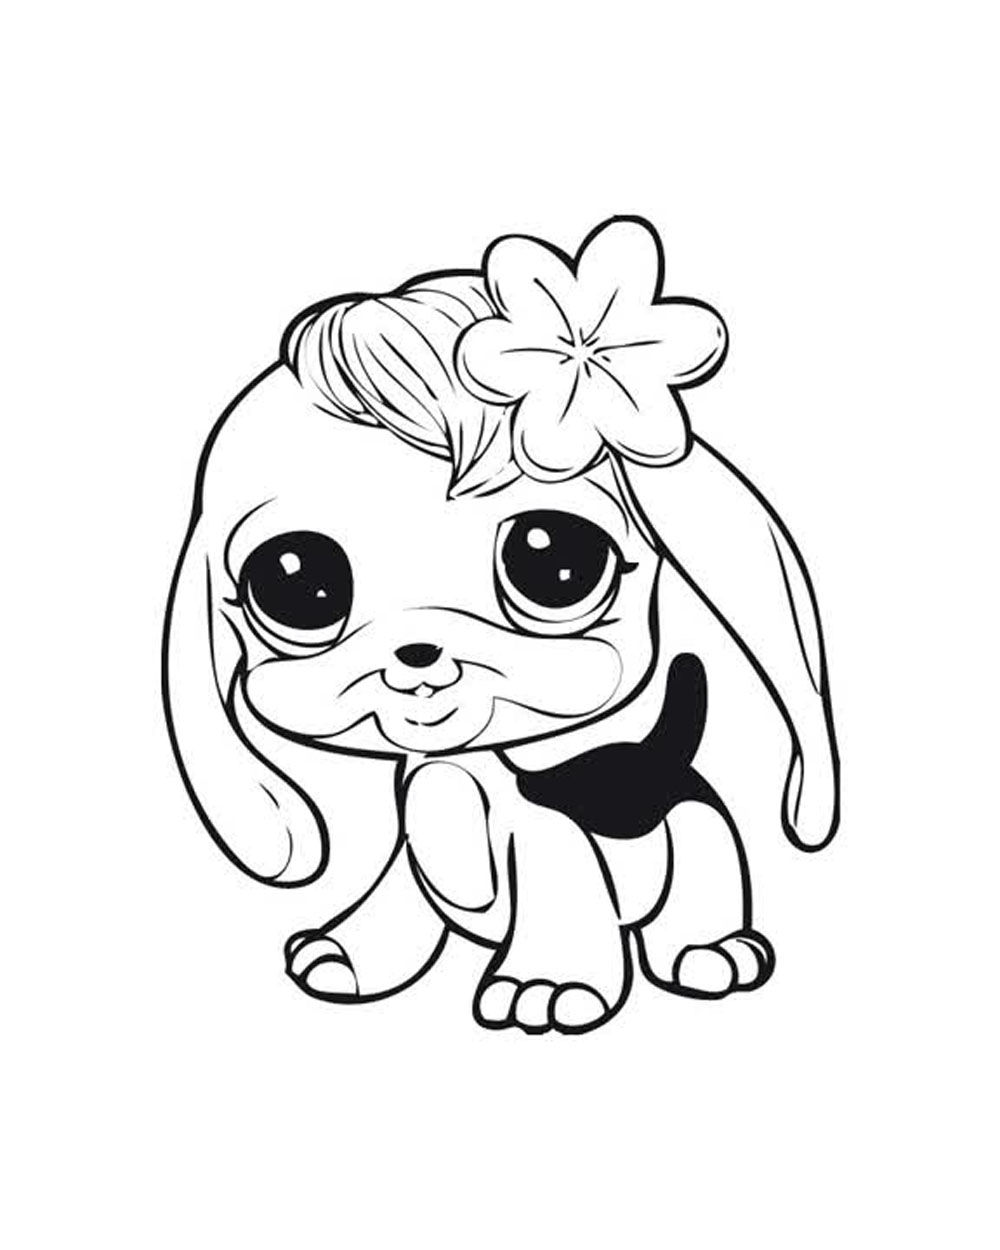 free printable littlest pet shop coloring pages littlest pet shop coloring pages to print chocolate bar free pages shop littlest coloring printable pet